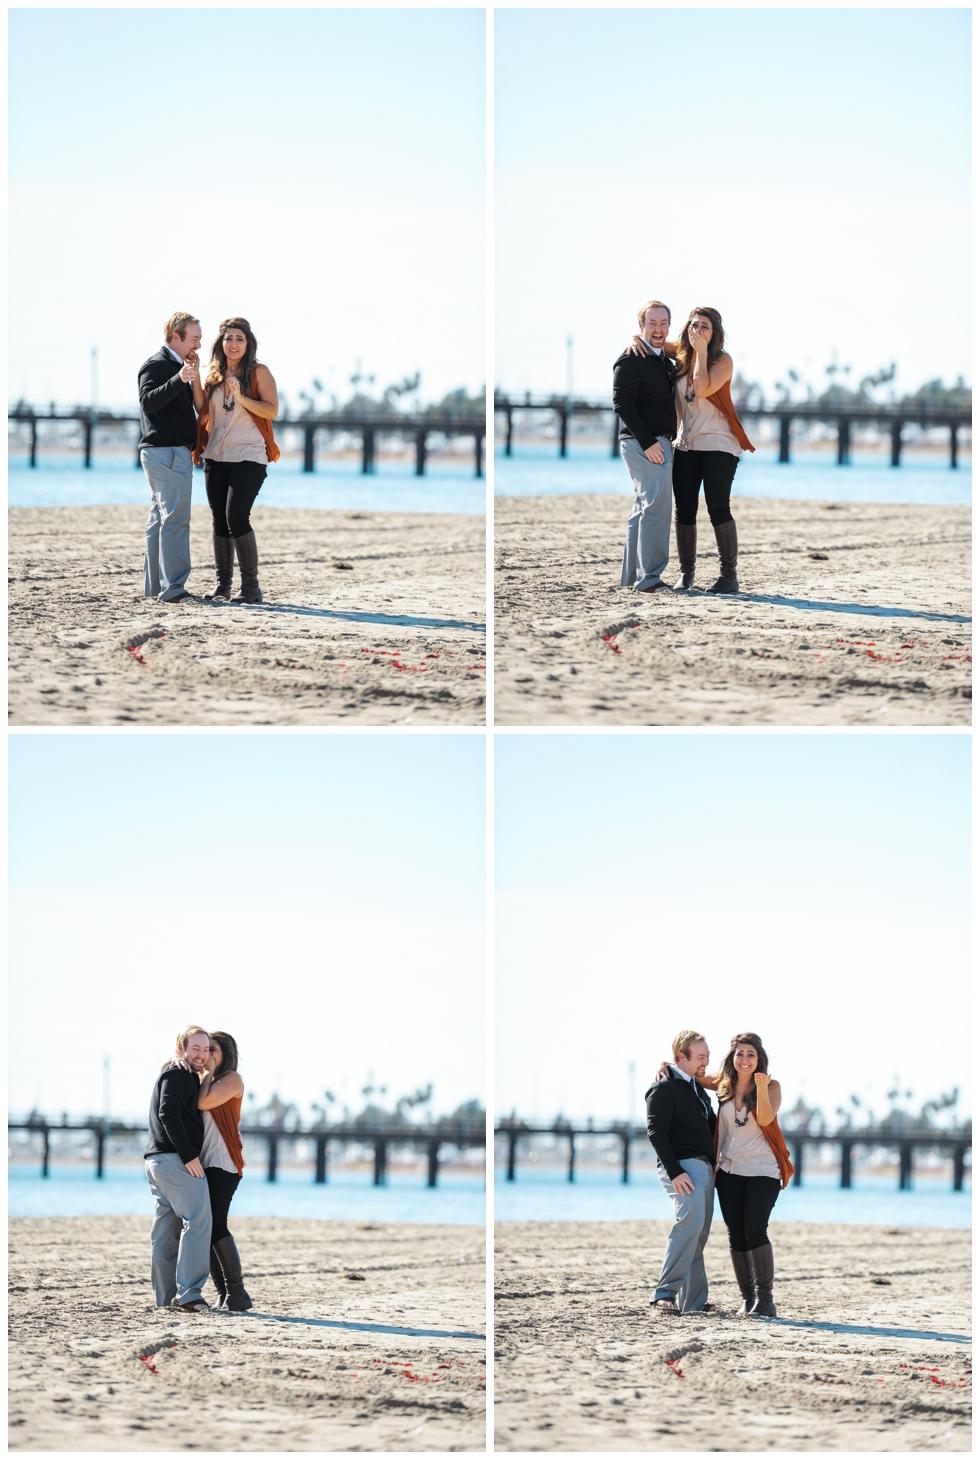 beach-destination-proposal-photos-santa-barbara-california-tim-and-tina-_0015